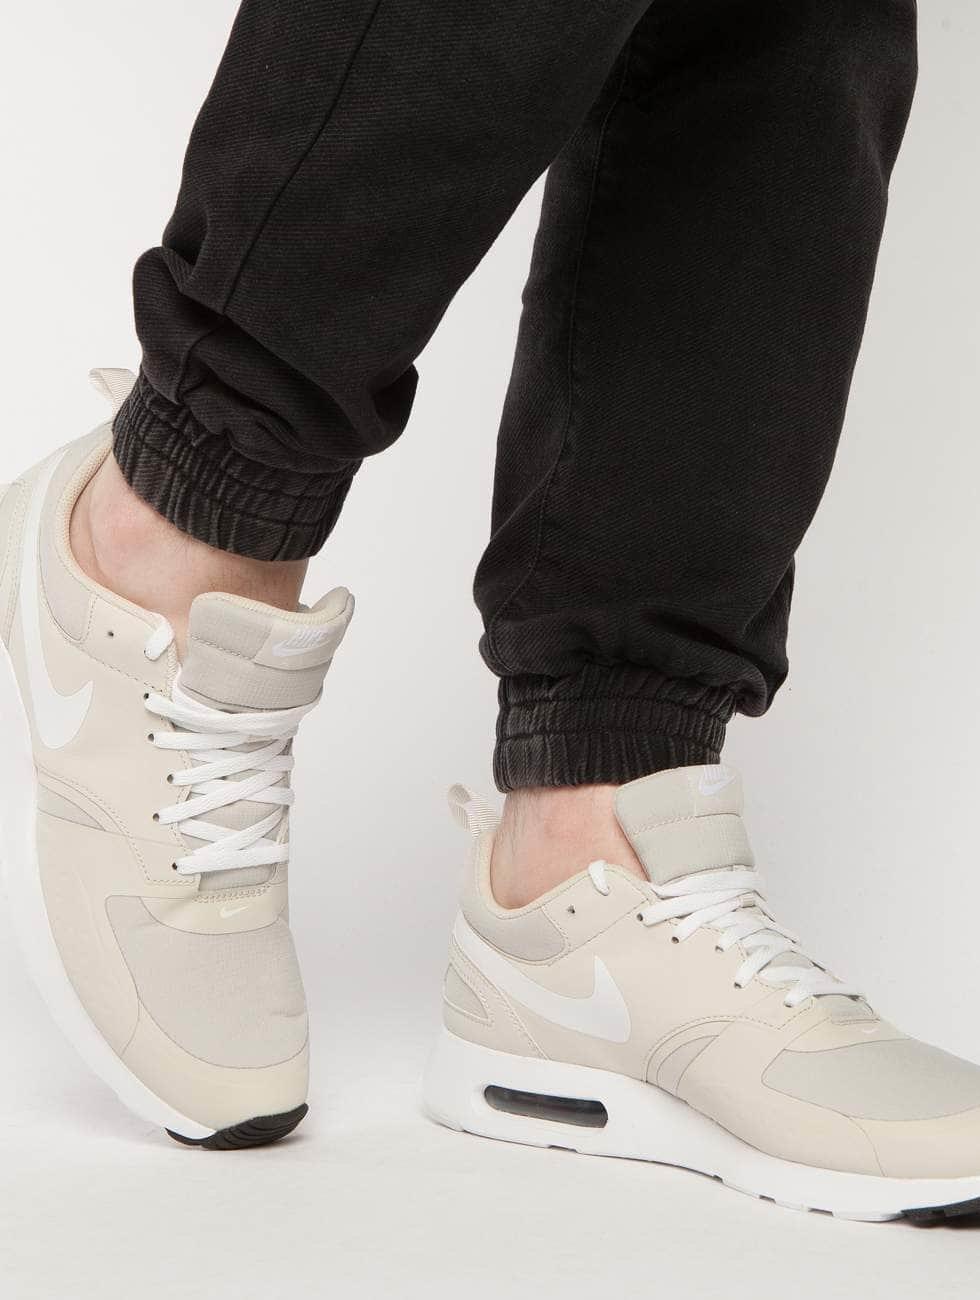 Nike Schoen / Sneaker Air Max Syn Vett 422918 Kjøpe Billig Betale Med Visa Billig Uttaket Zo3oa